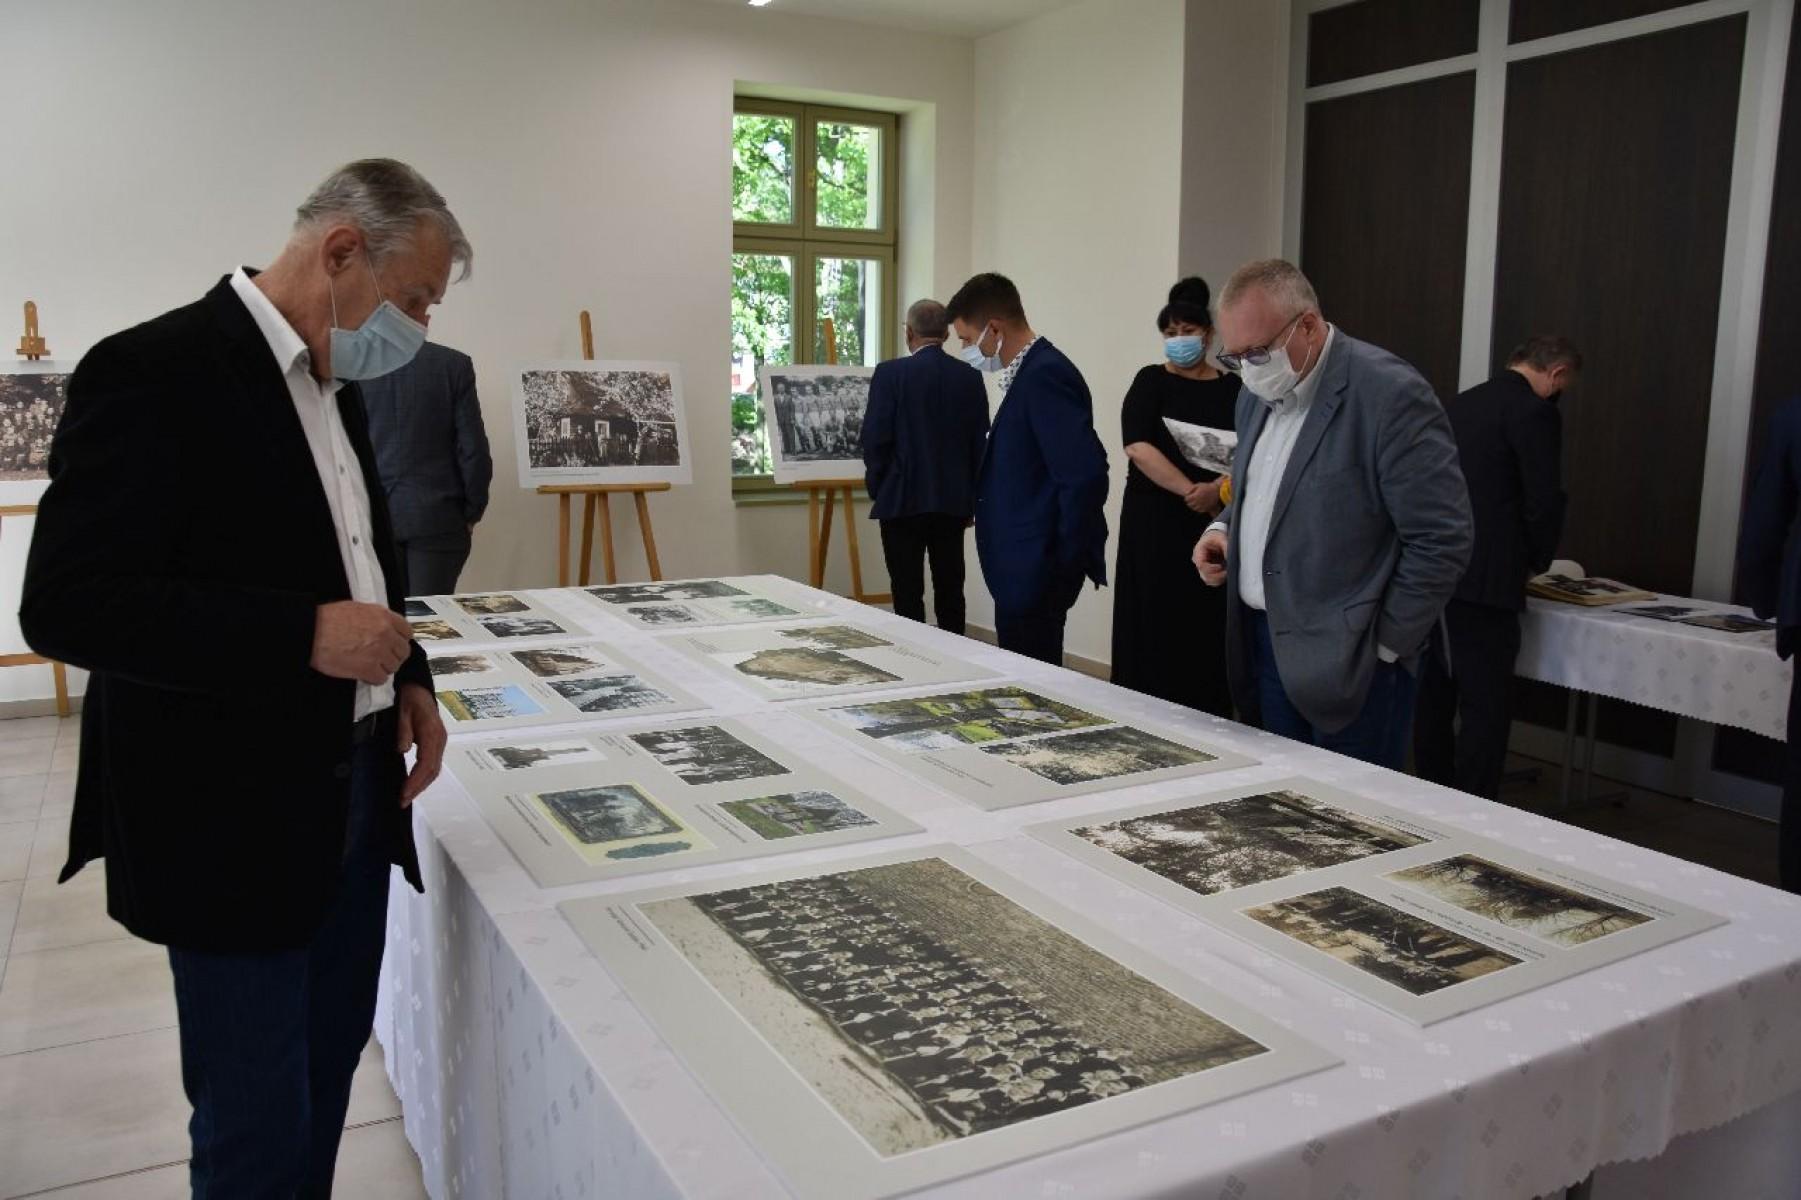 Na zdjęciu: otwarcie wystawy